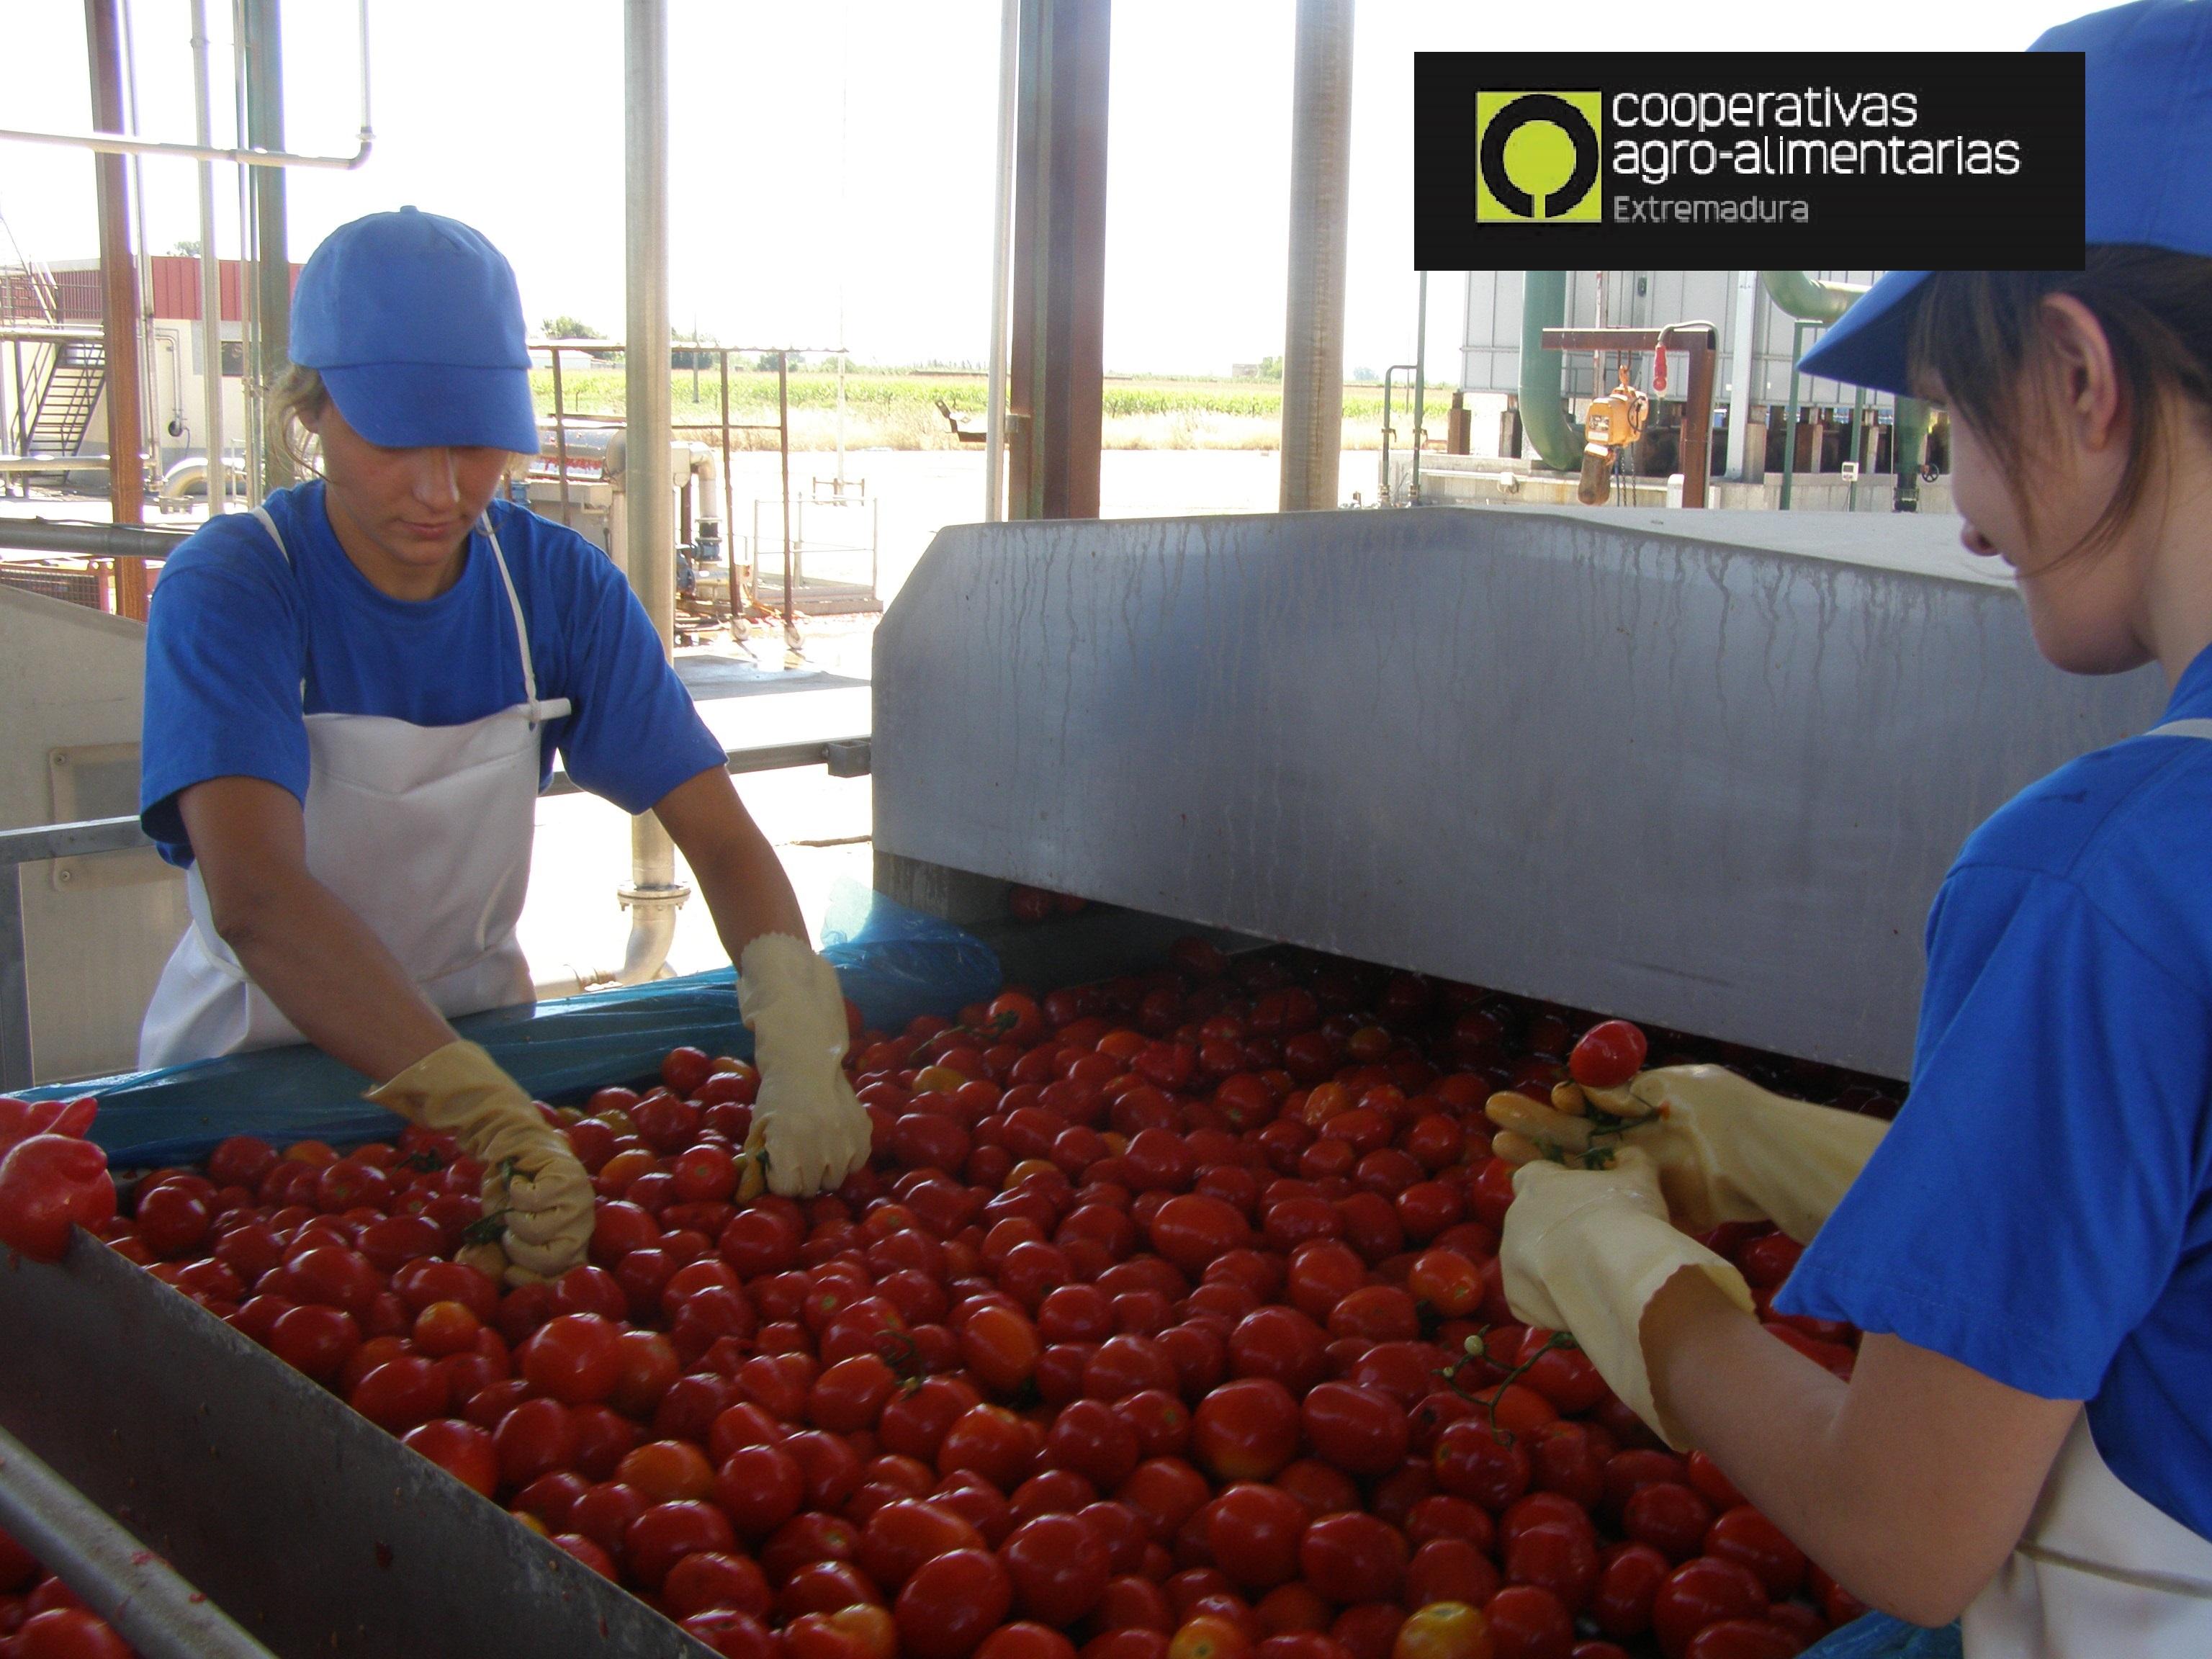 Cooperativas Agroalimentarias oportunidad para Jóvenes